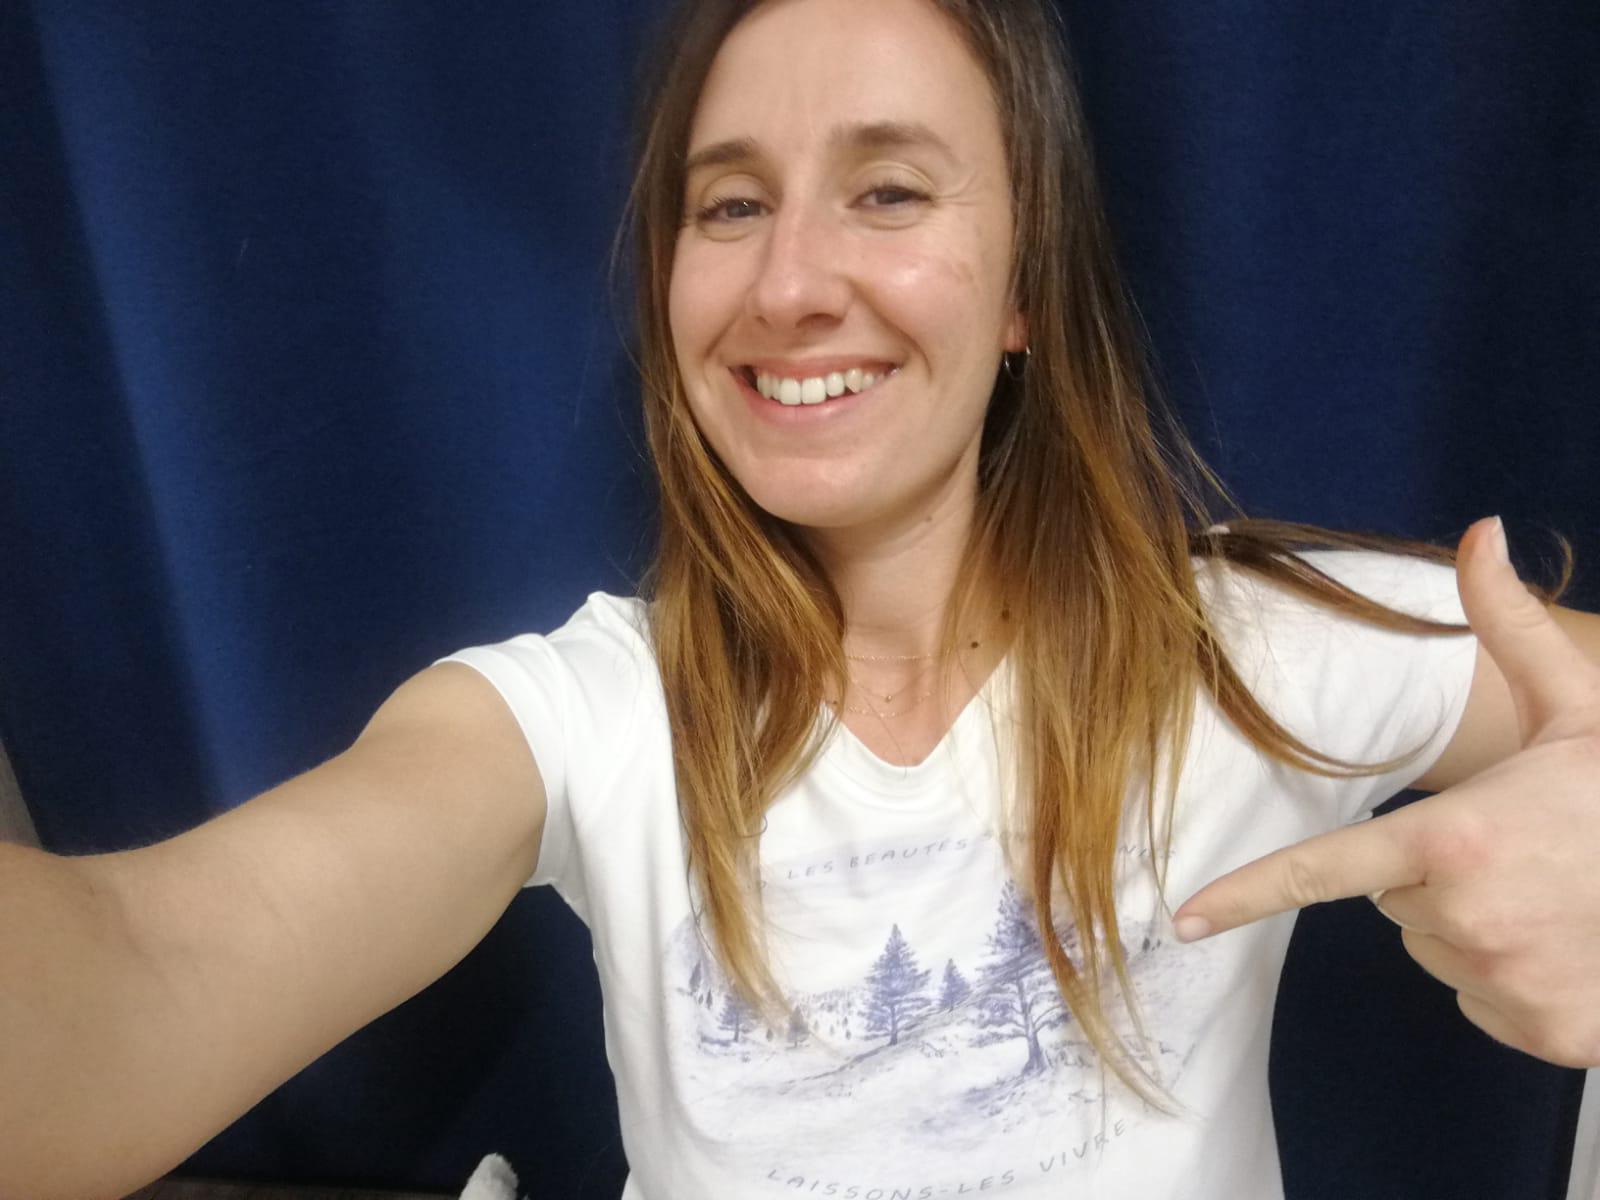 T-shirt Robin Millie quand les beautés sont infinies laissons les vivre